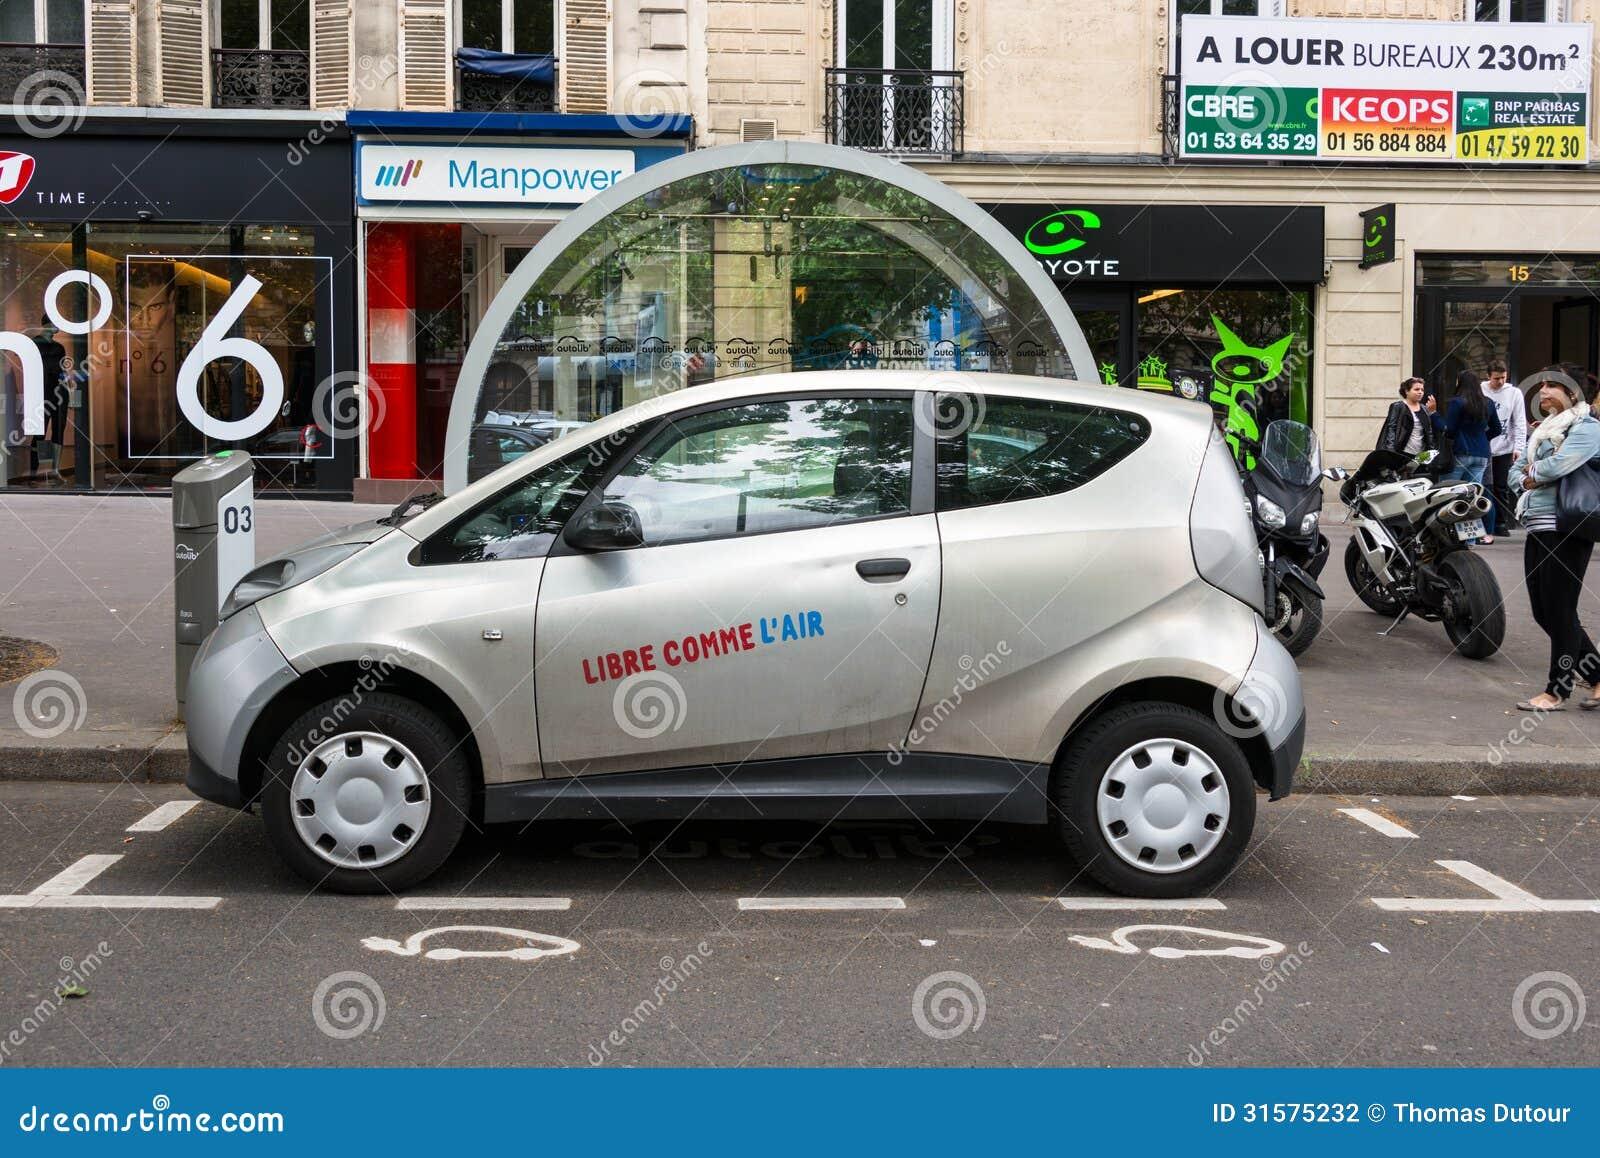 autolib elektrische auto die de dienst in parijs delen redactionele fotografie afbeelding. Black Bedroom Furniture Sets. Home Design Ideas